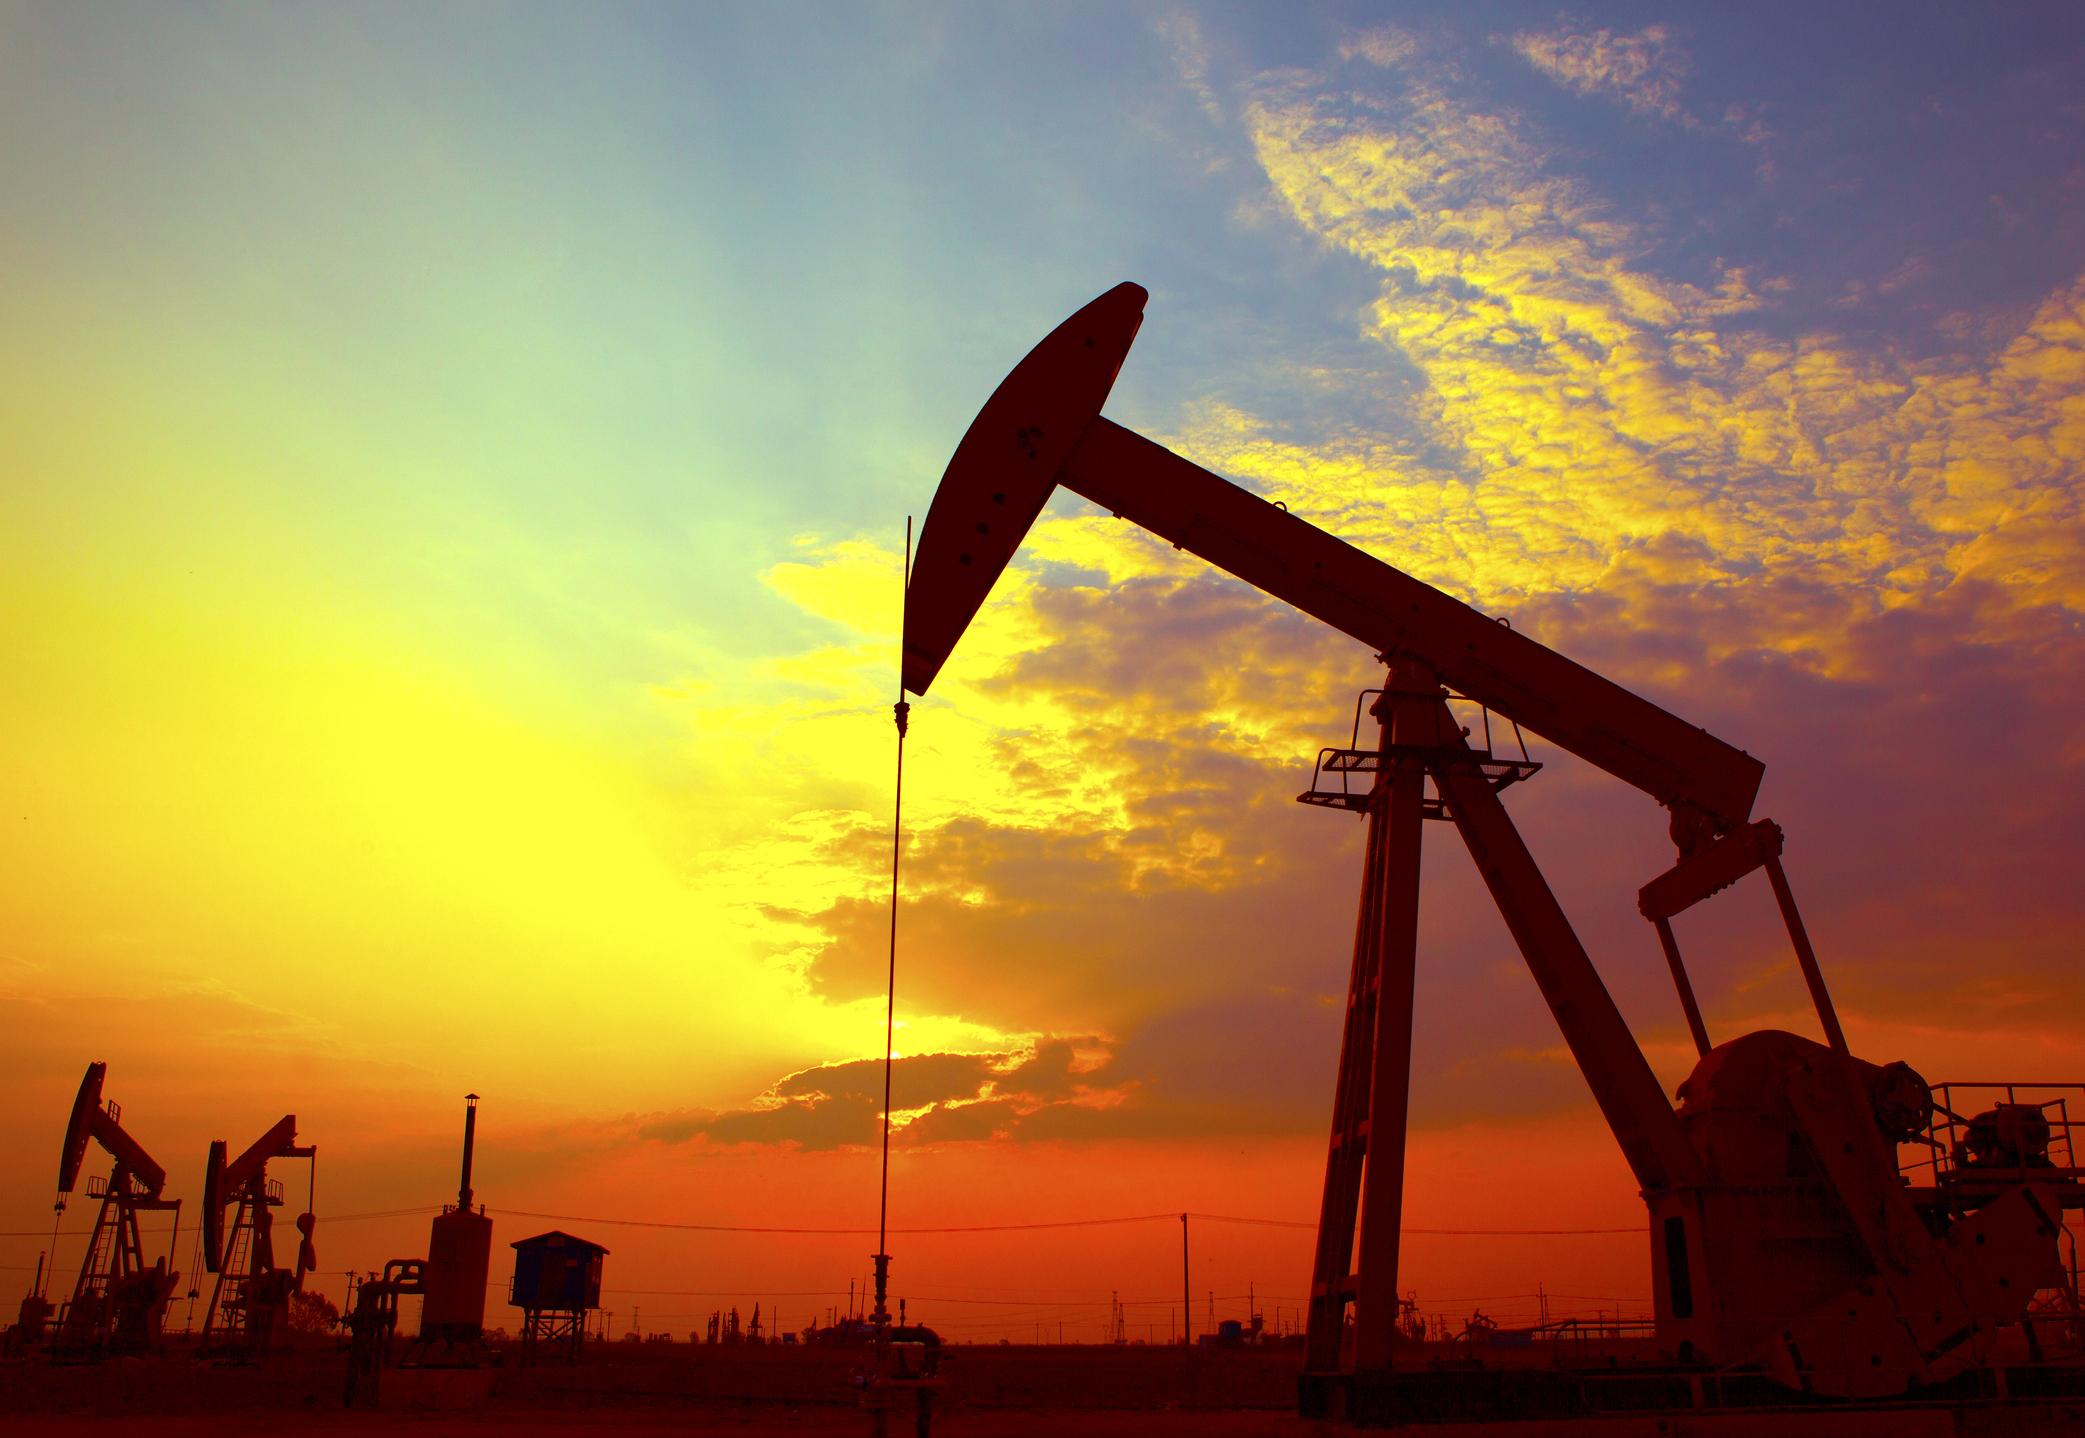 An oil derrick at sunset.